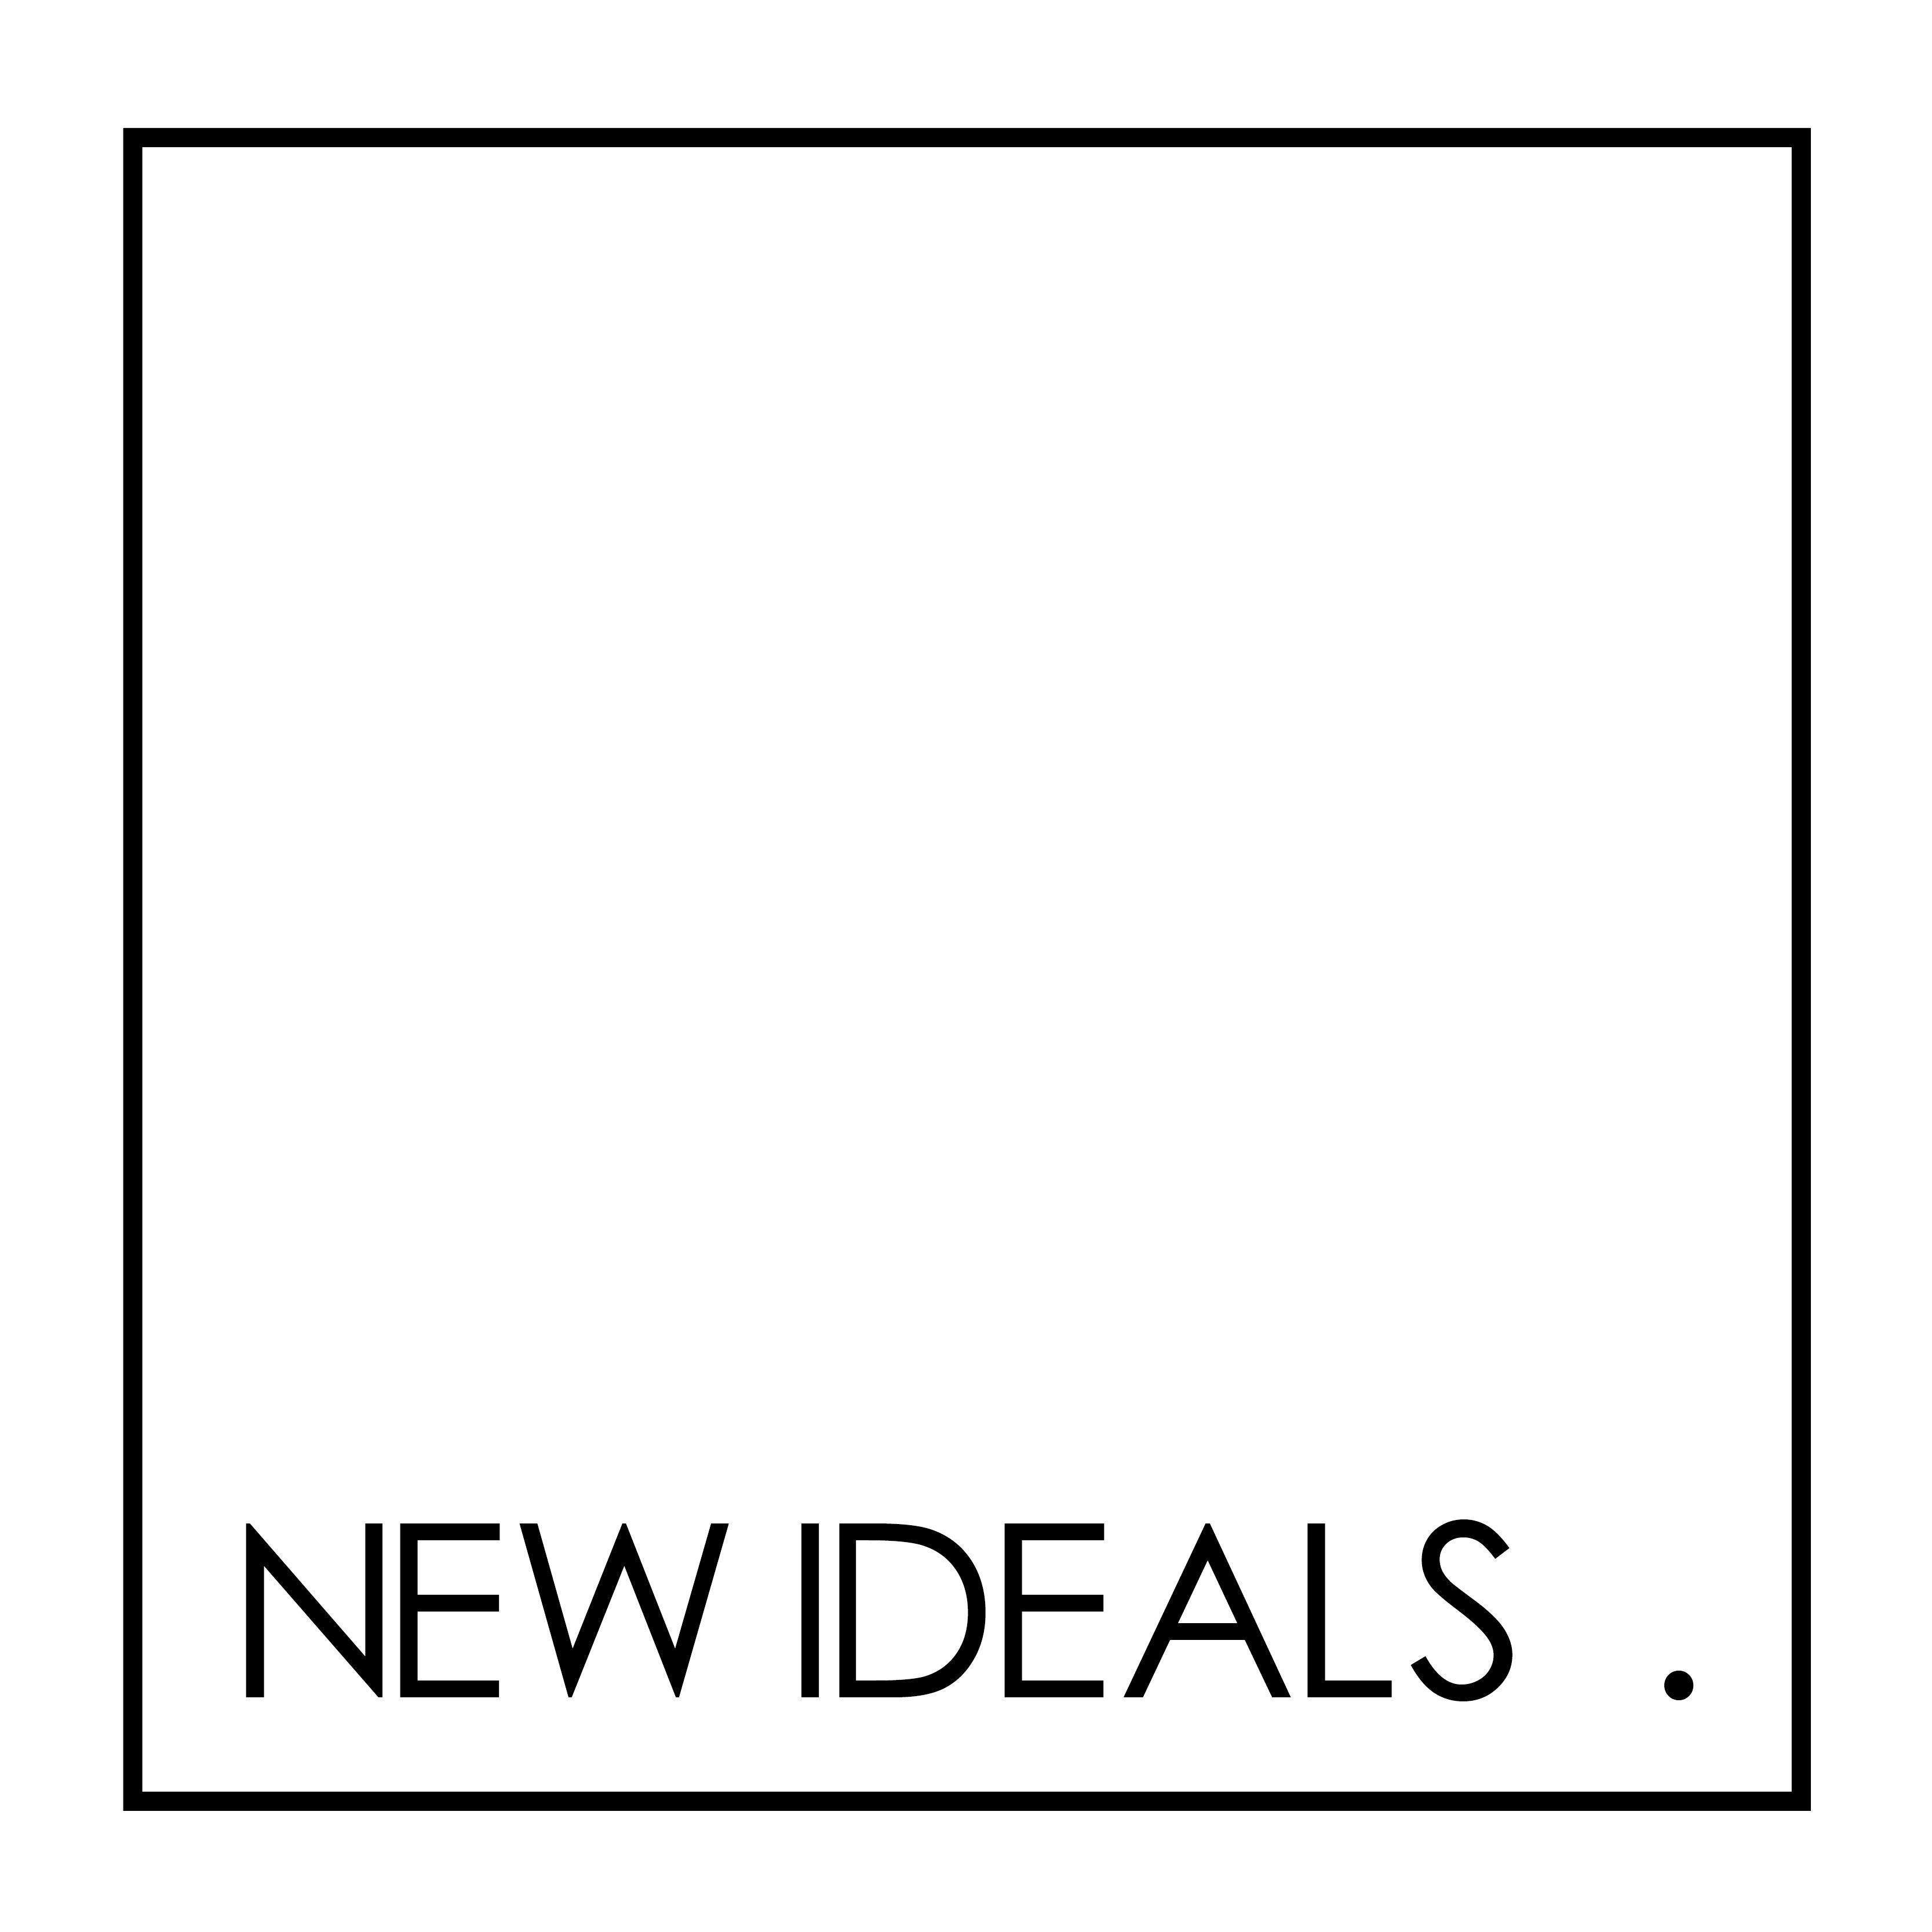 New Ideals